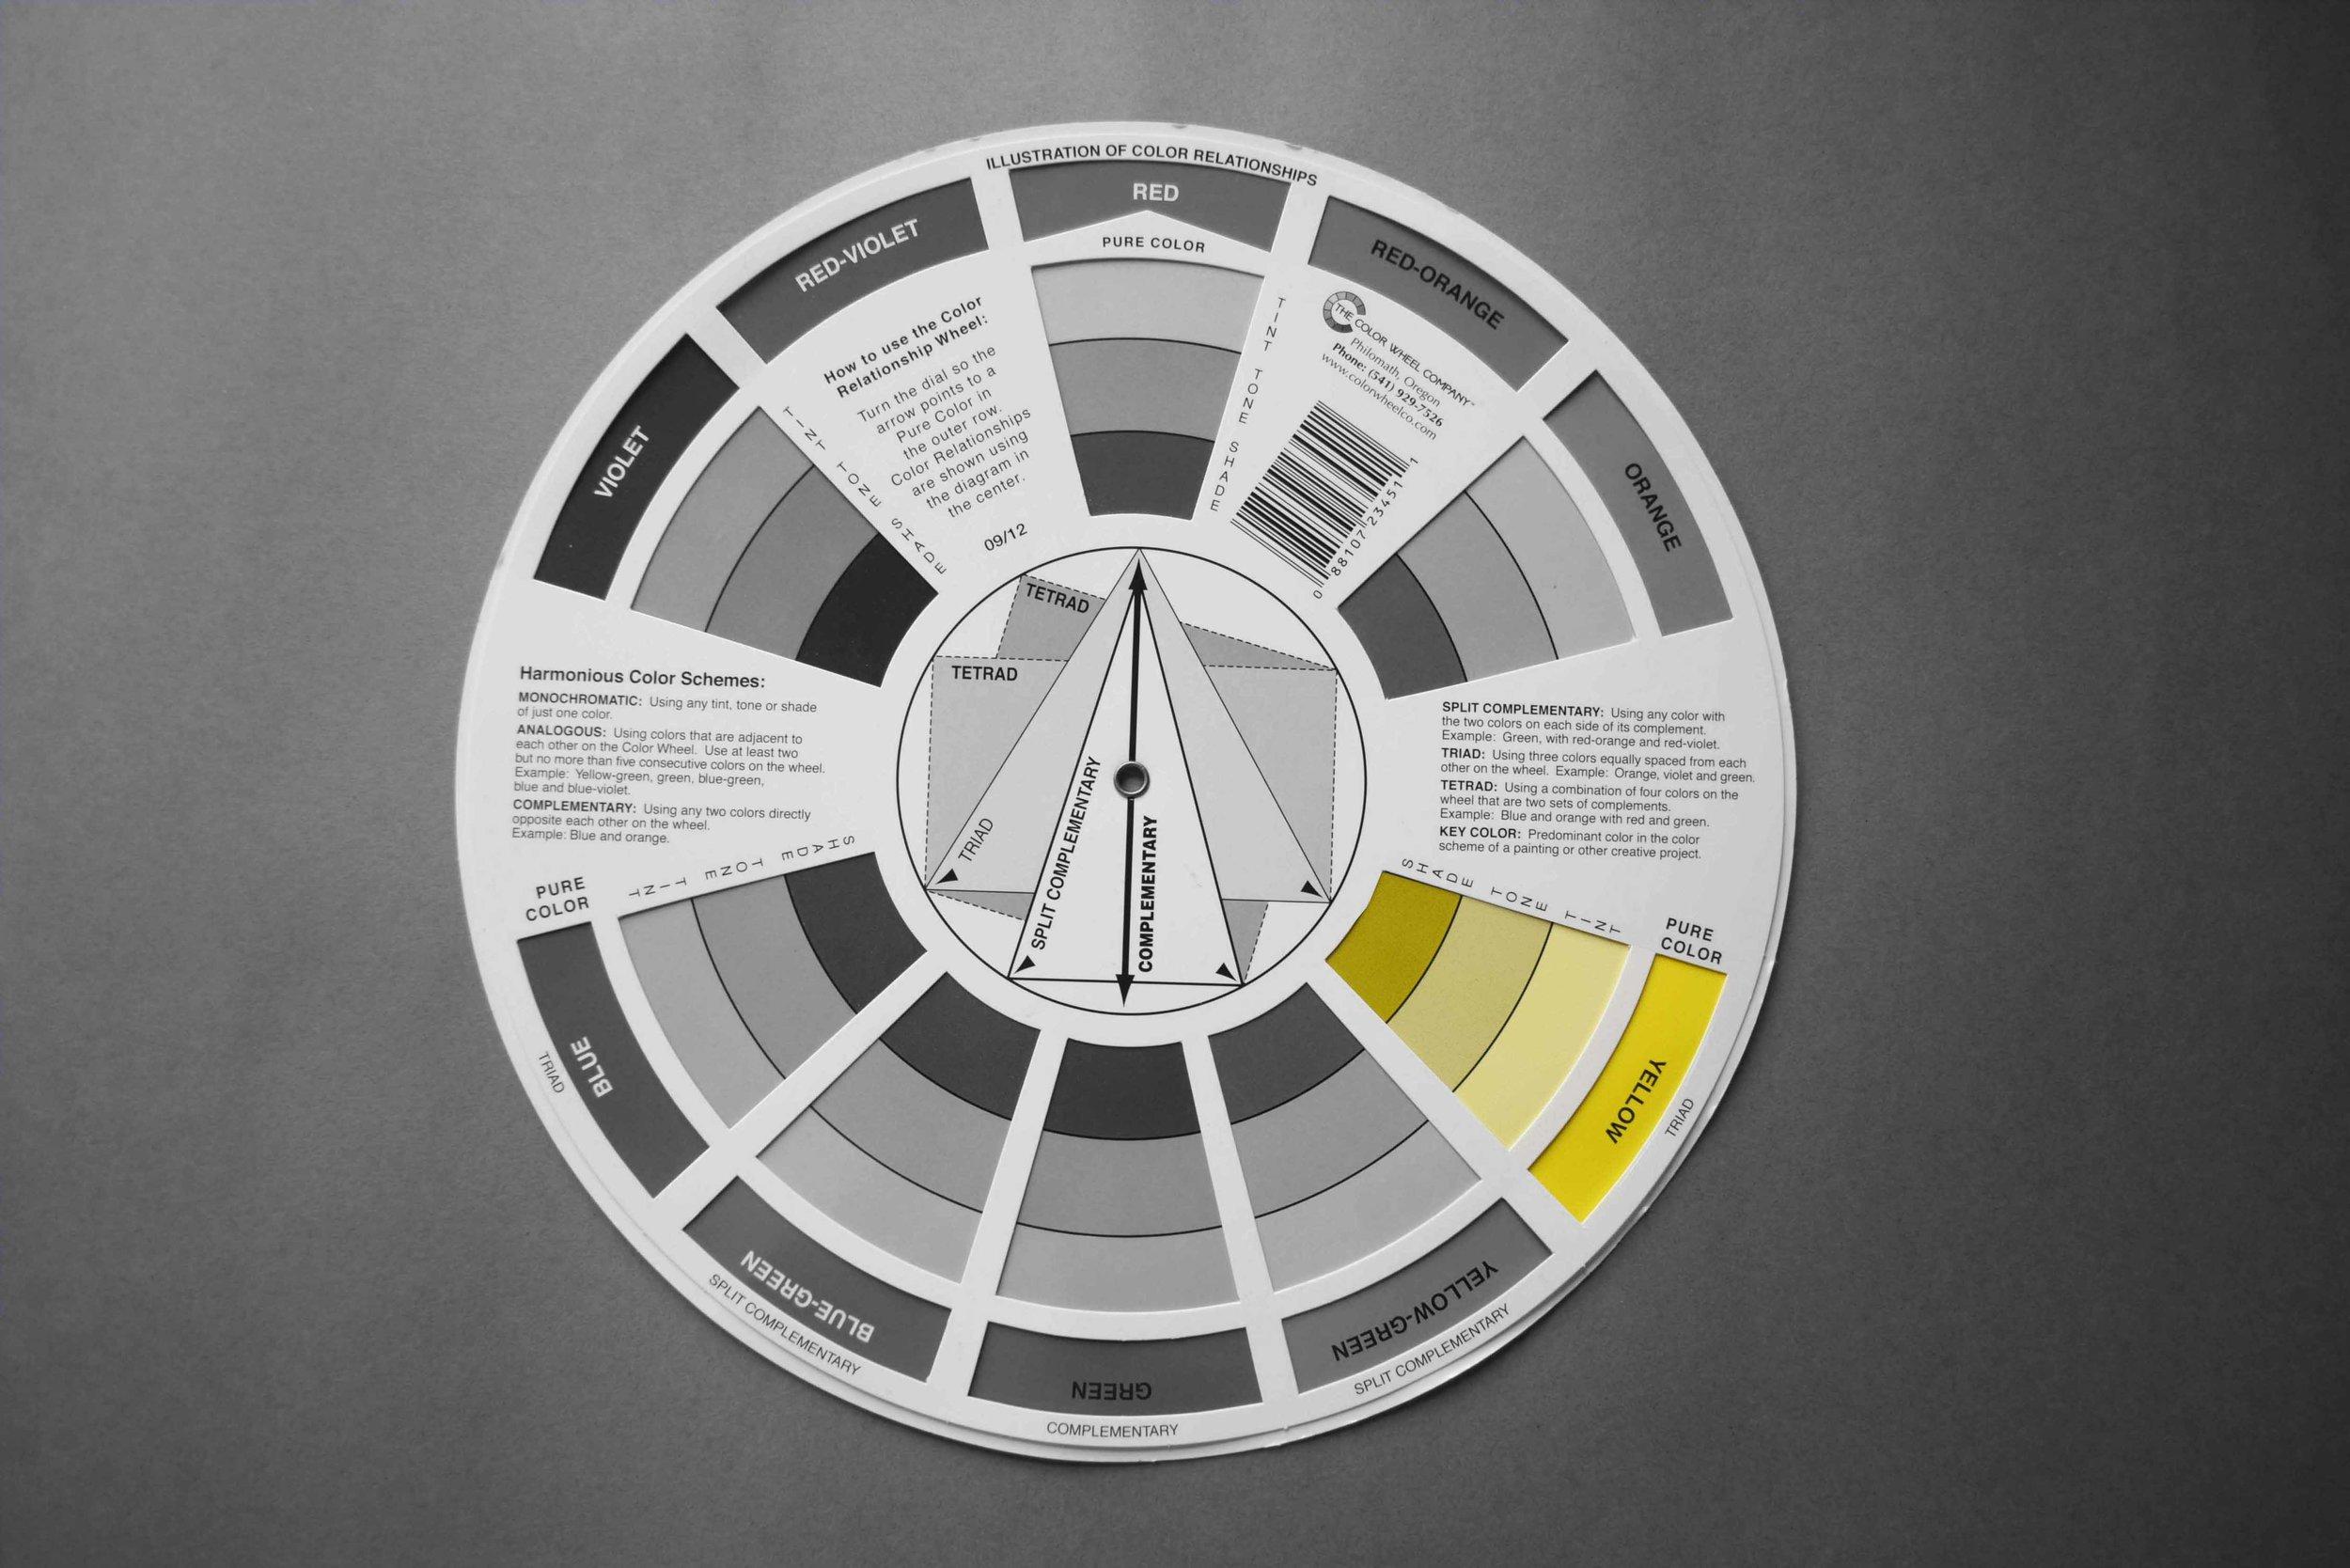 Colour wheel_Tint Tone Shade_©Detail Movement